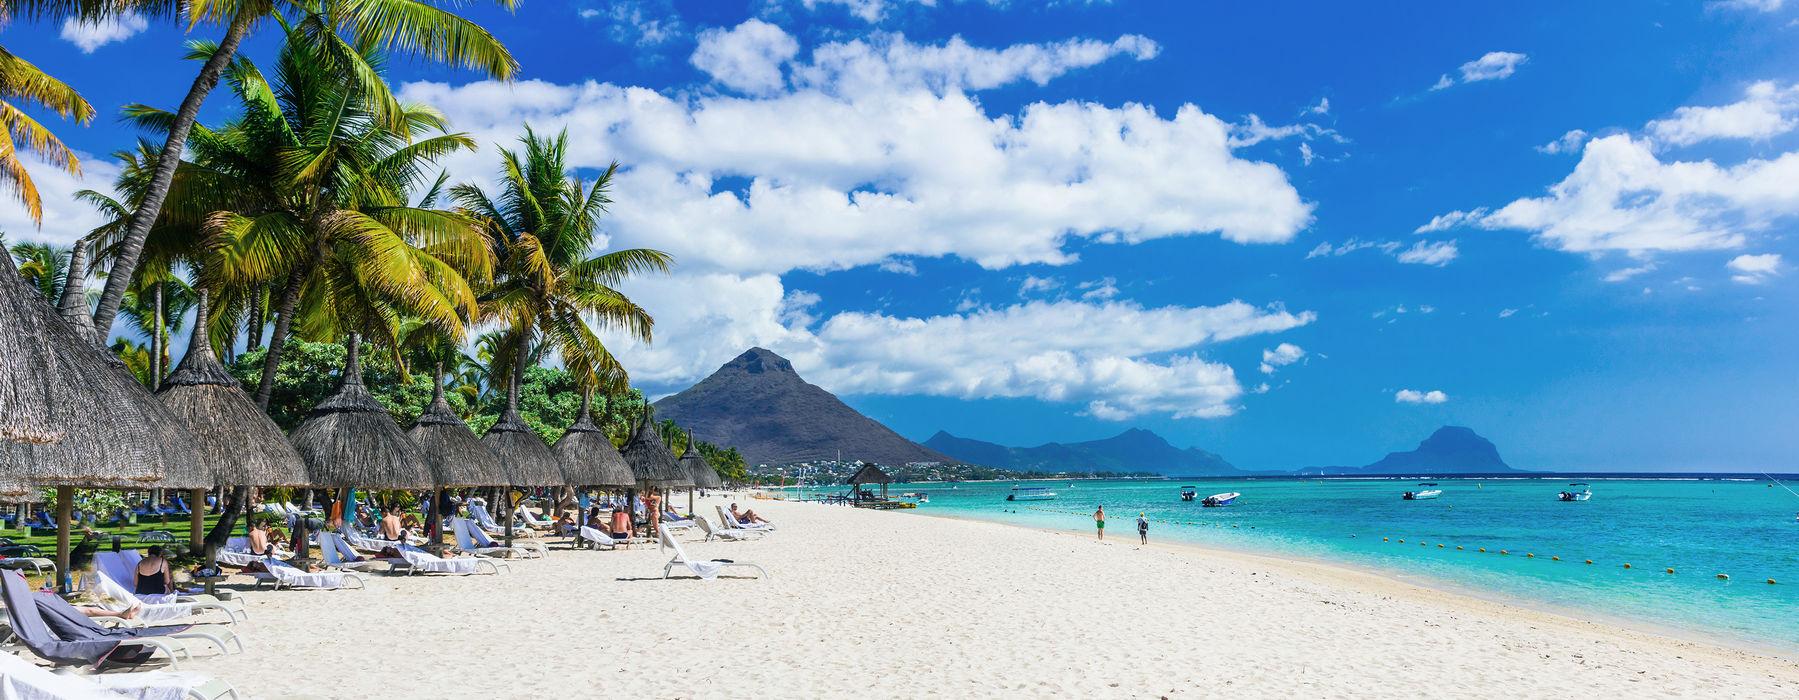 Rejser Til Mauritius Rejsebureauer Der Arrangerer Rejser